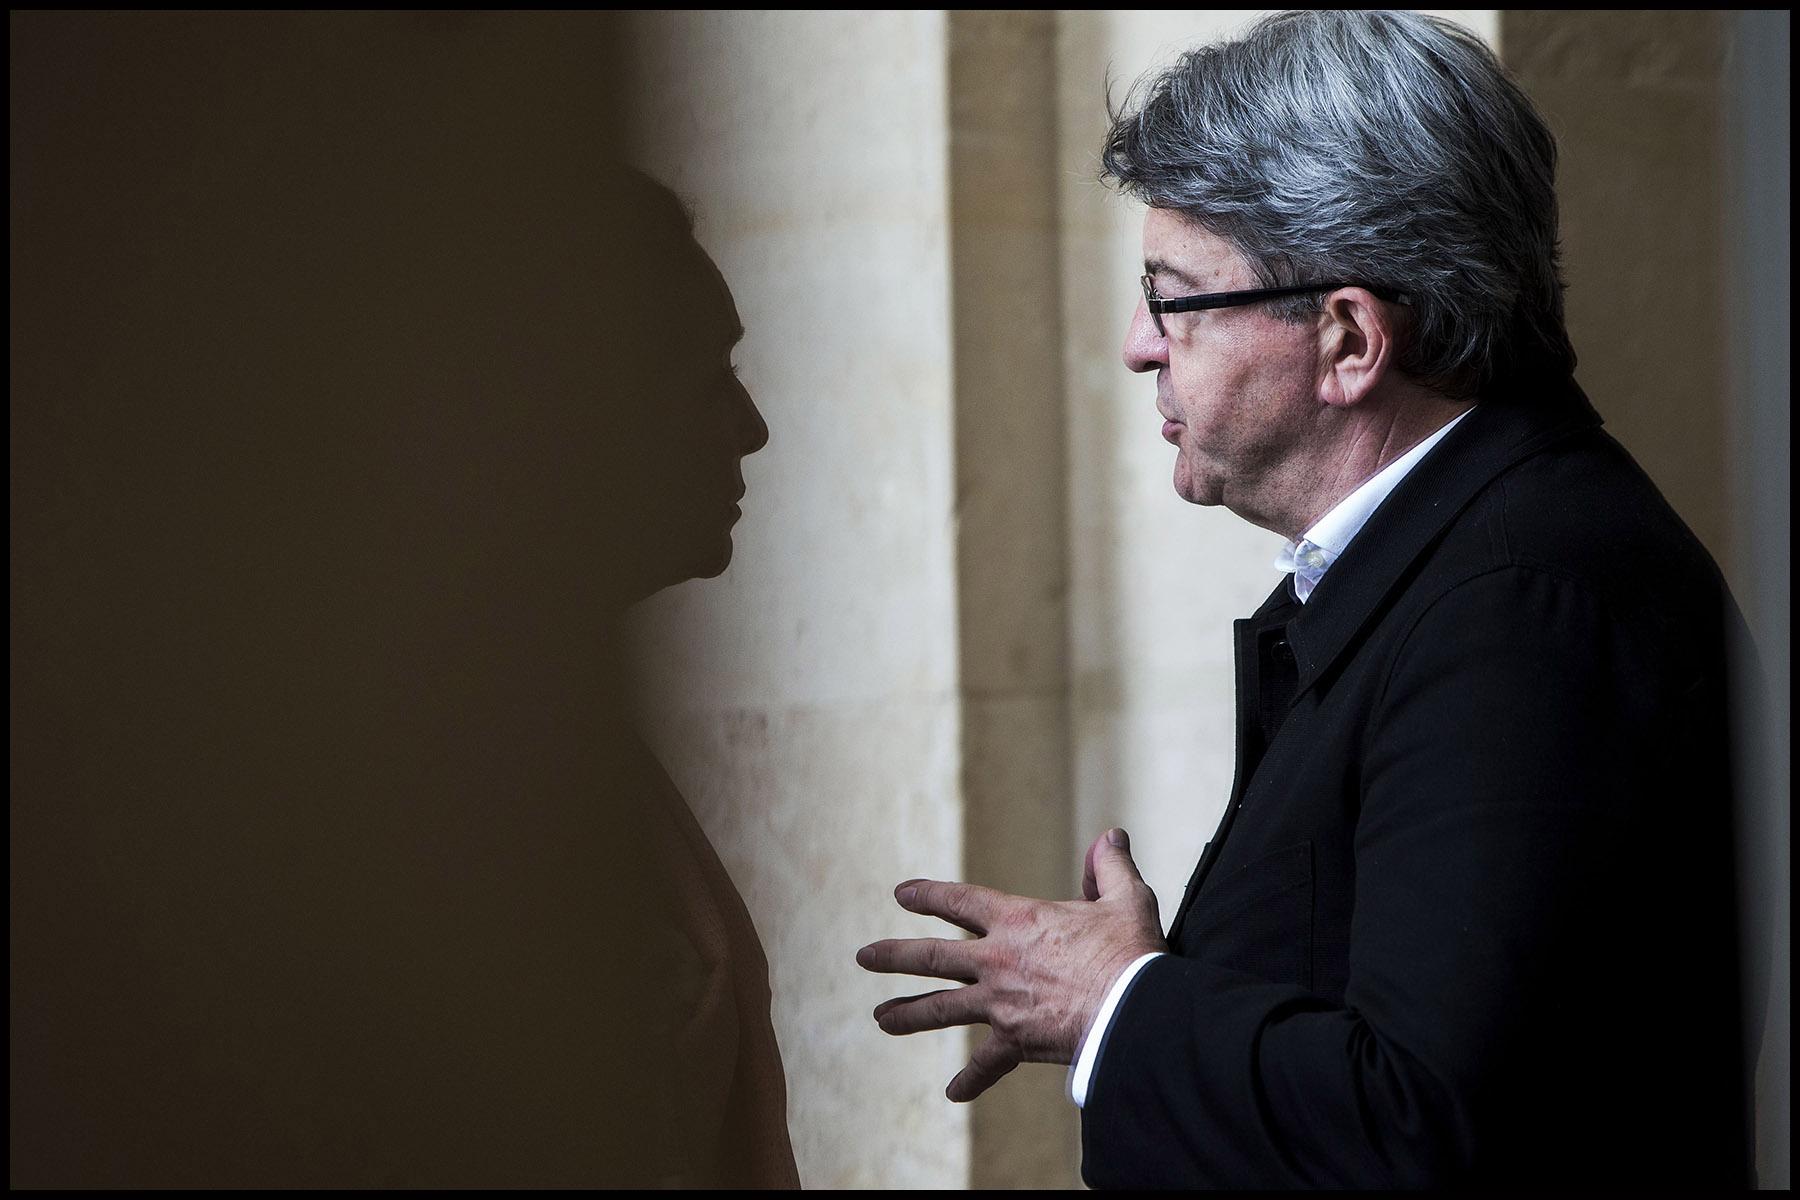 La rentrée parlementaire du groupe Les Insoumis de Jean-Luc MELENCHON